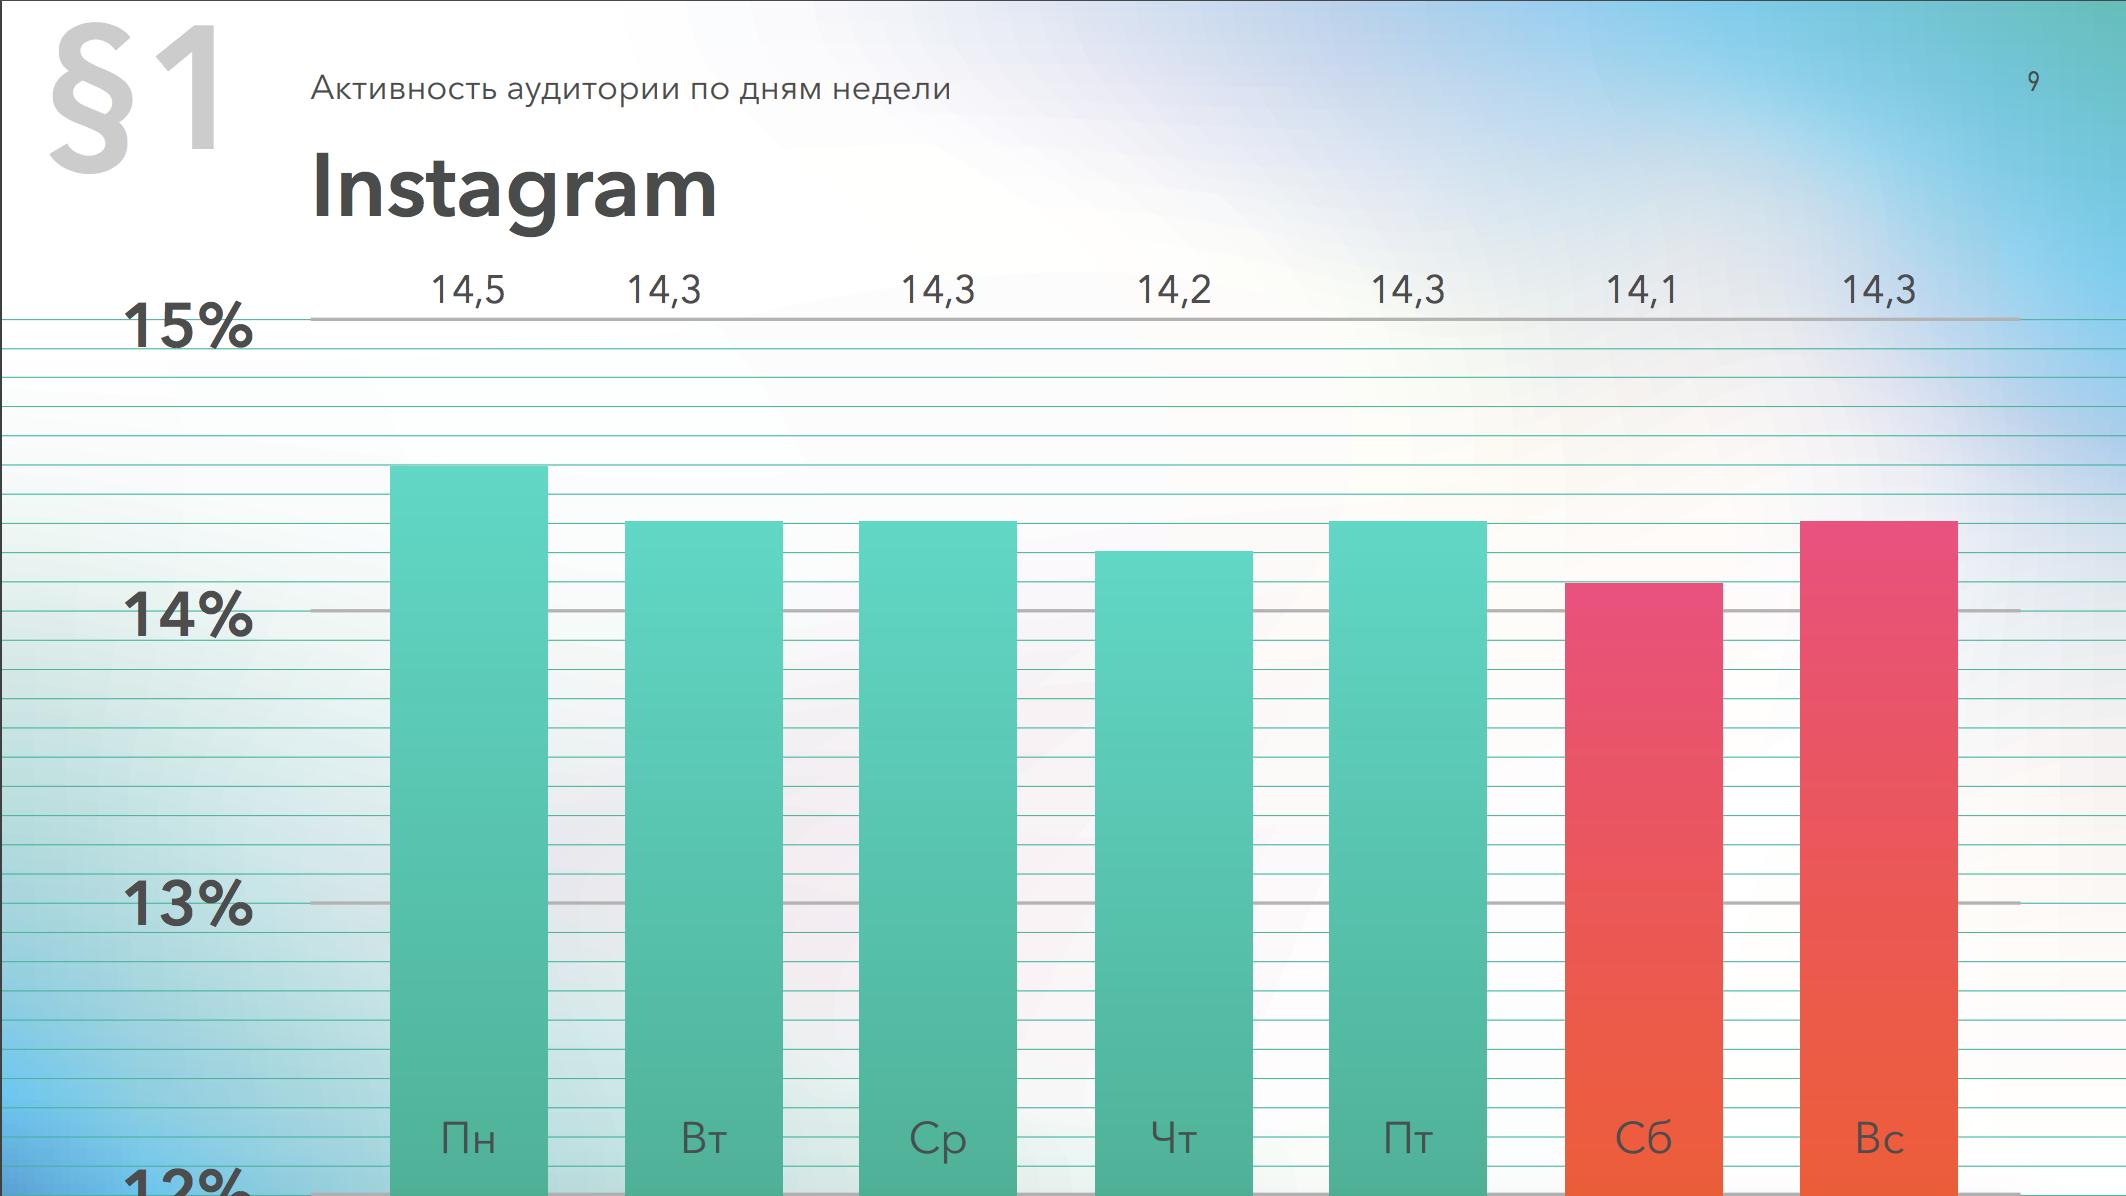 Активность аудитории в Instagram по дням недели, данные за 2019 год